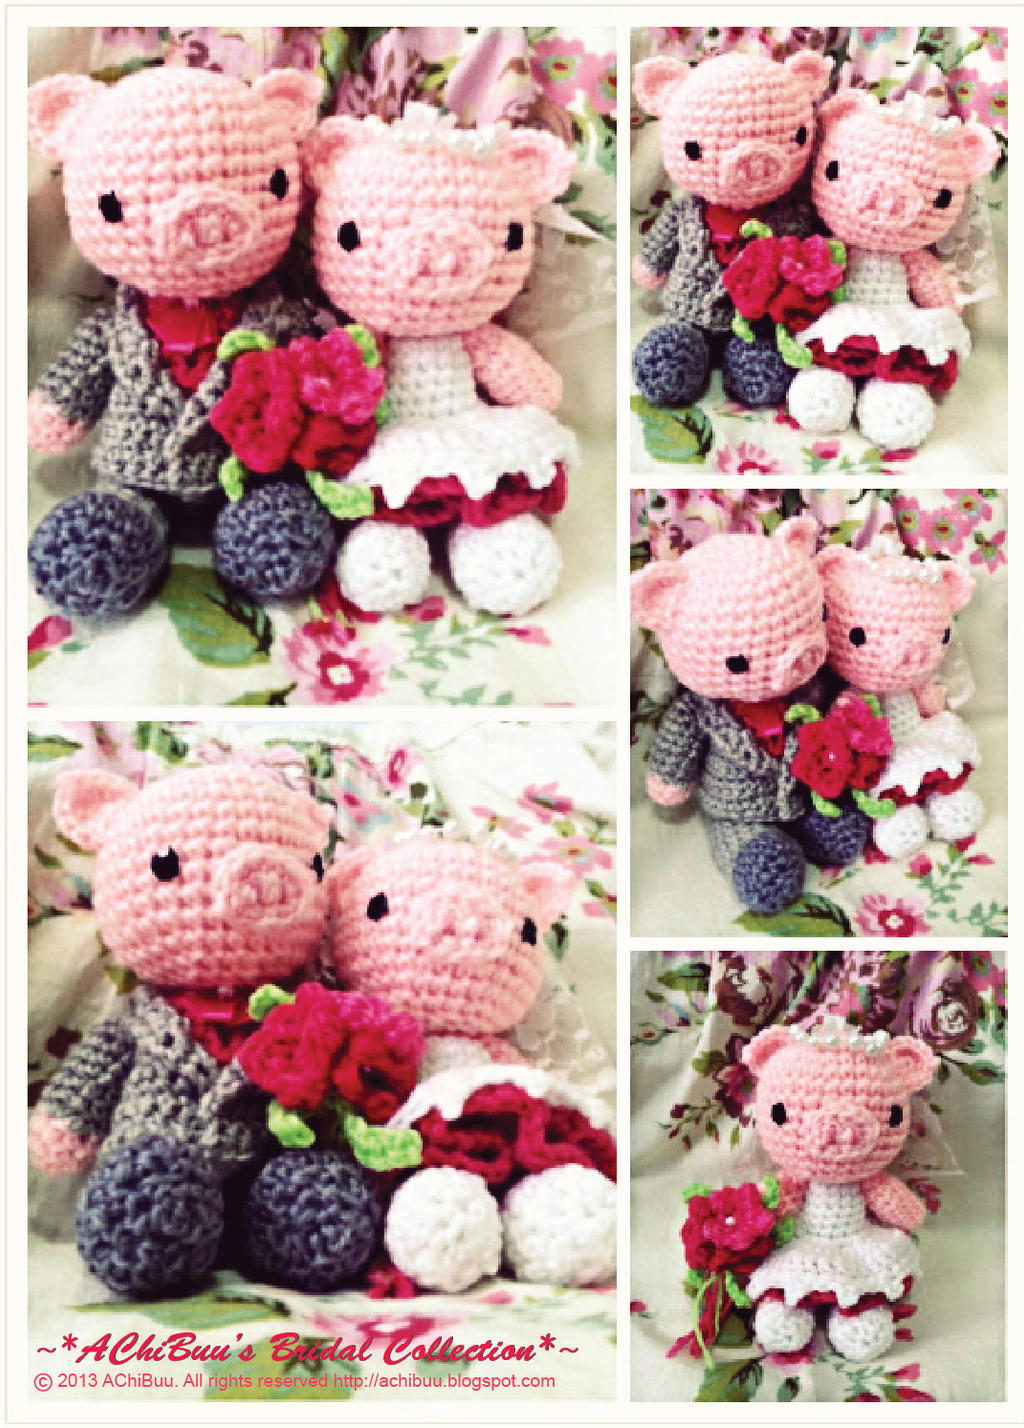 Piggy Wedding Dolls by AChiBuu